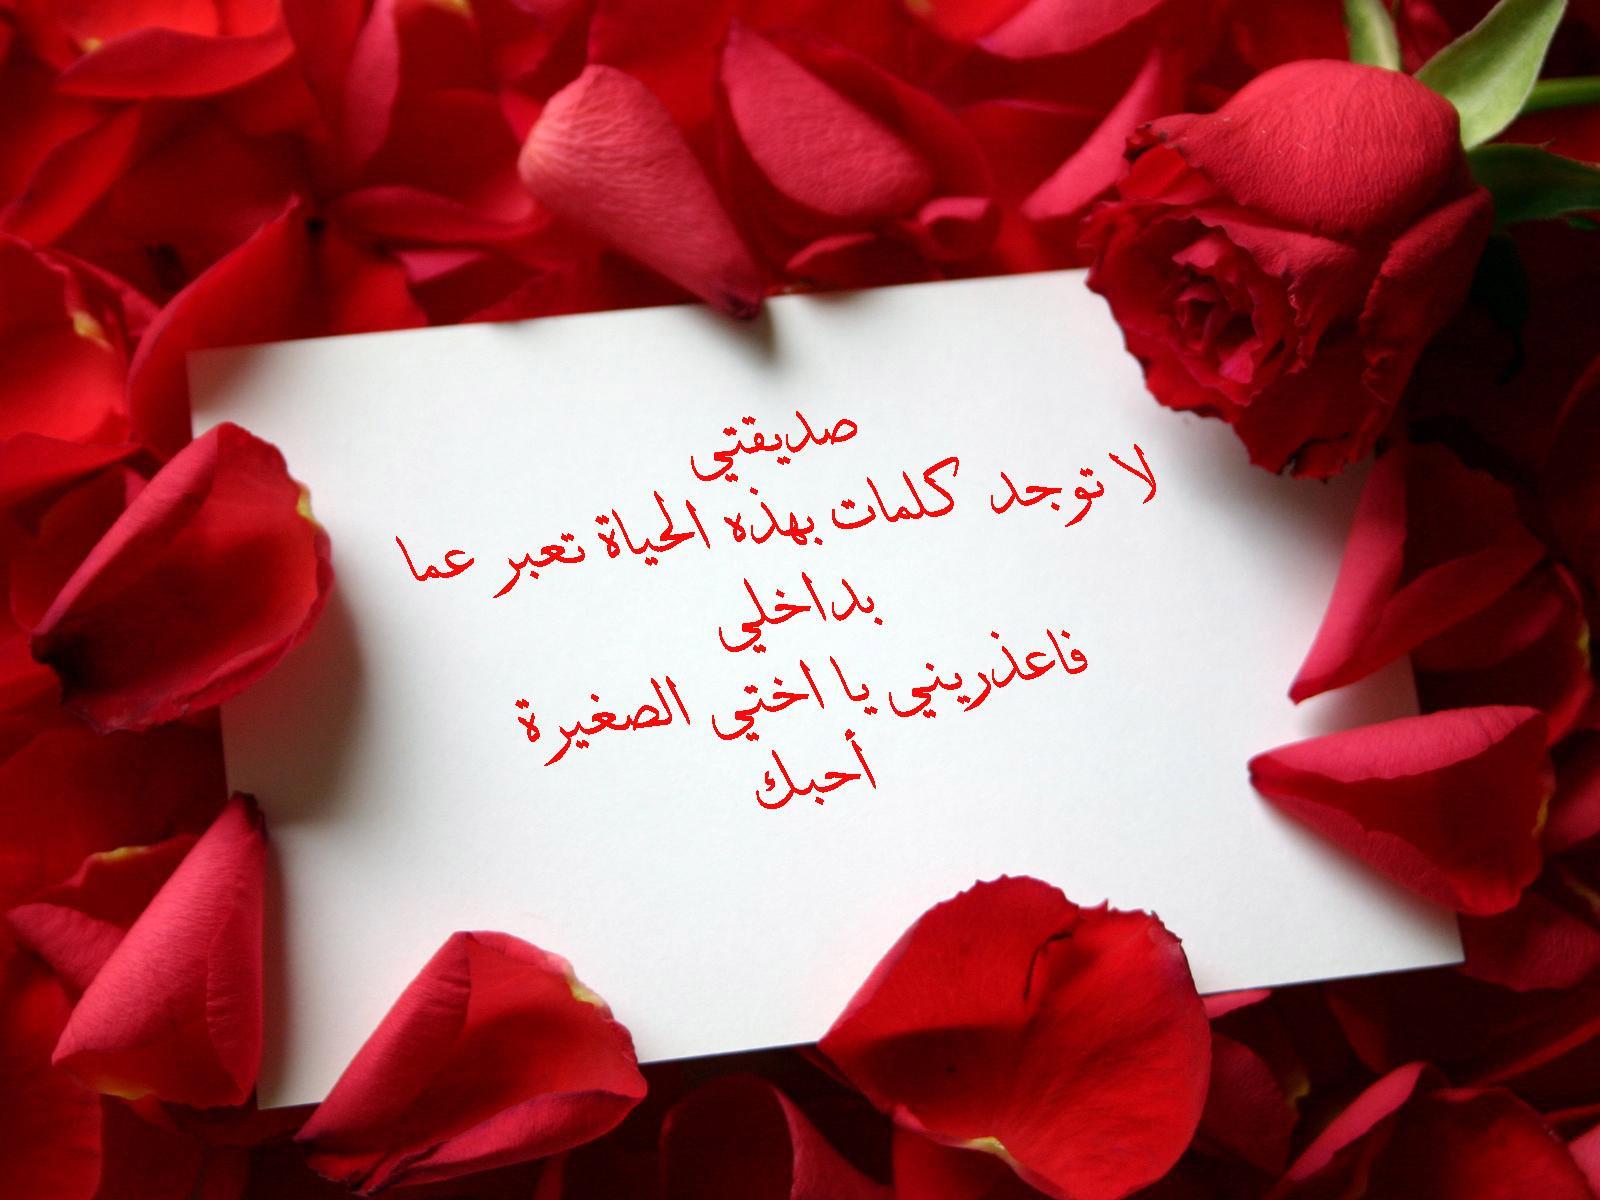 كلمات شكر وثناء لشخص عزيز اروع كلمات الشكر والتقدير لشخص عزيز مساء الورد